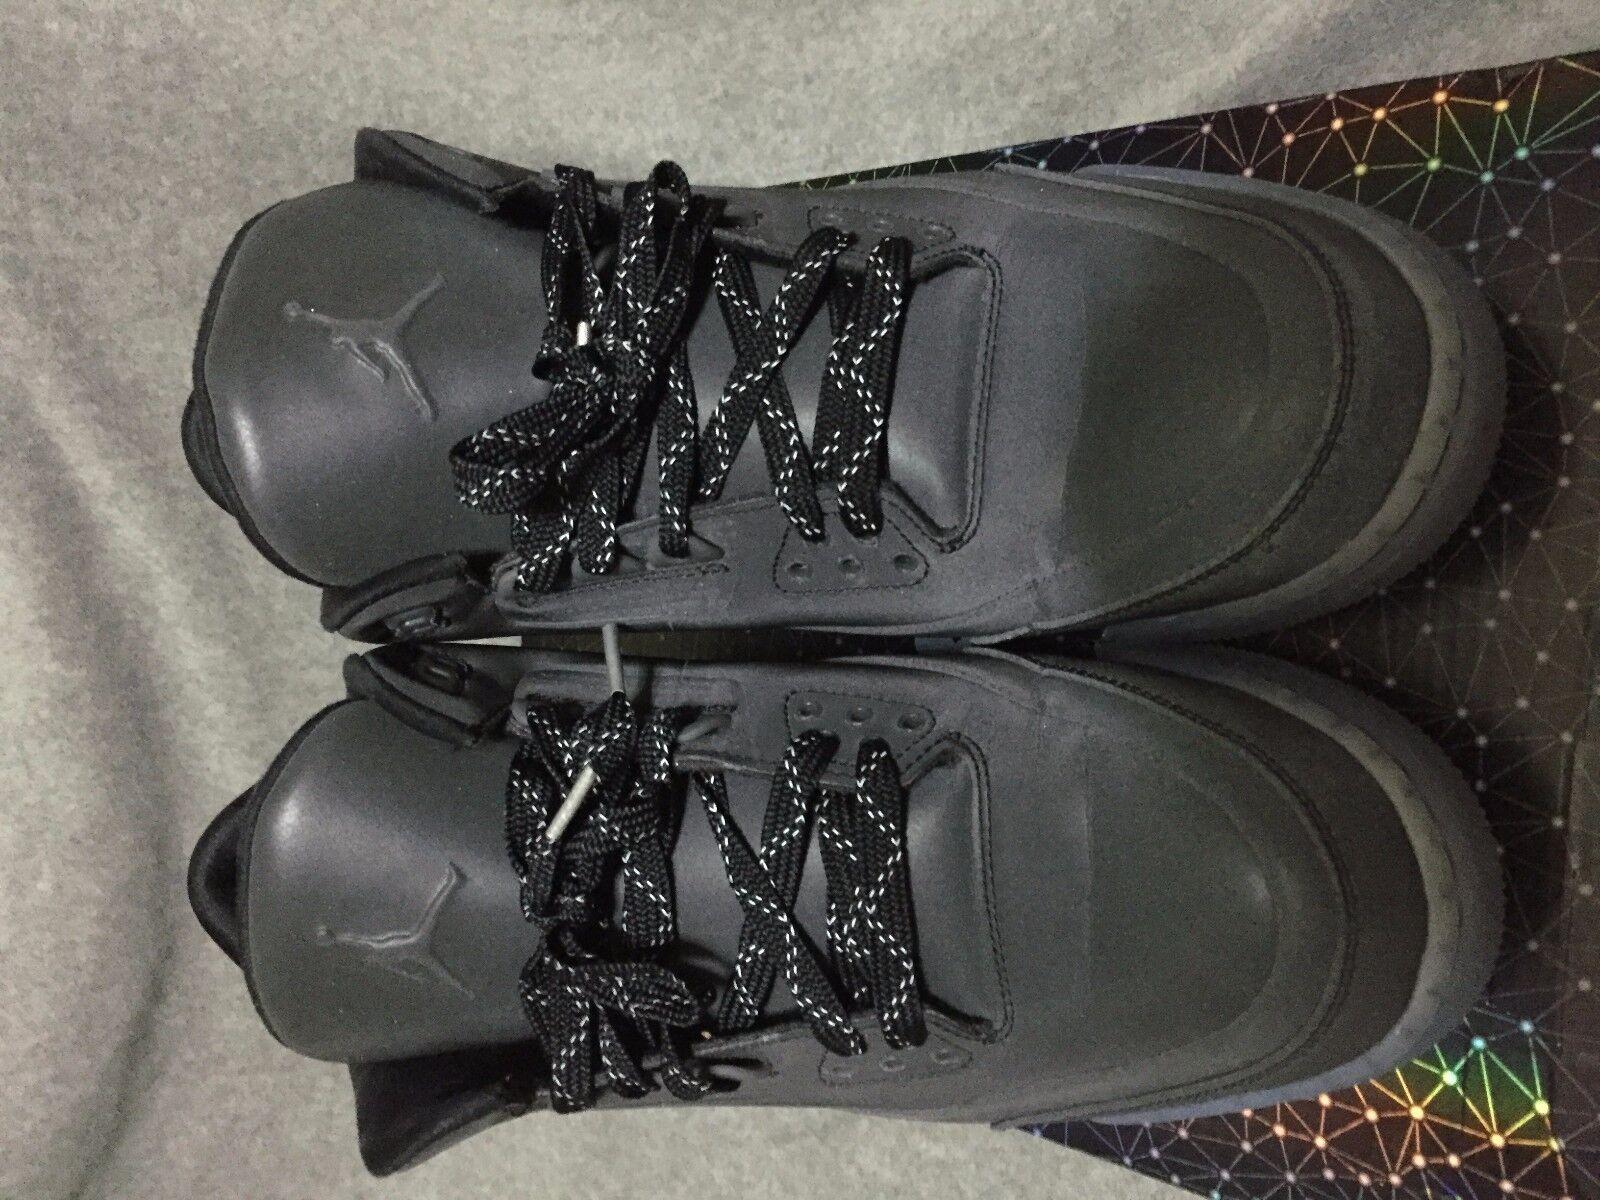 Nike Air Jordan Retro III 5LAB3 V Black/Black/Clear Size 10.5 3M 3M 10.5 6db3b9